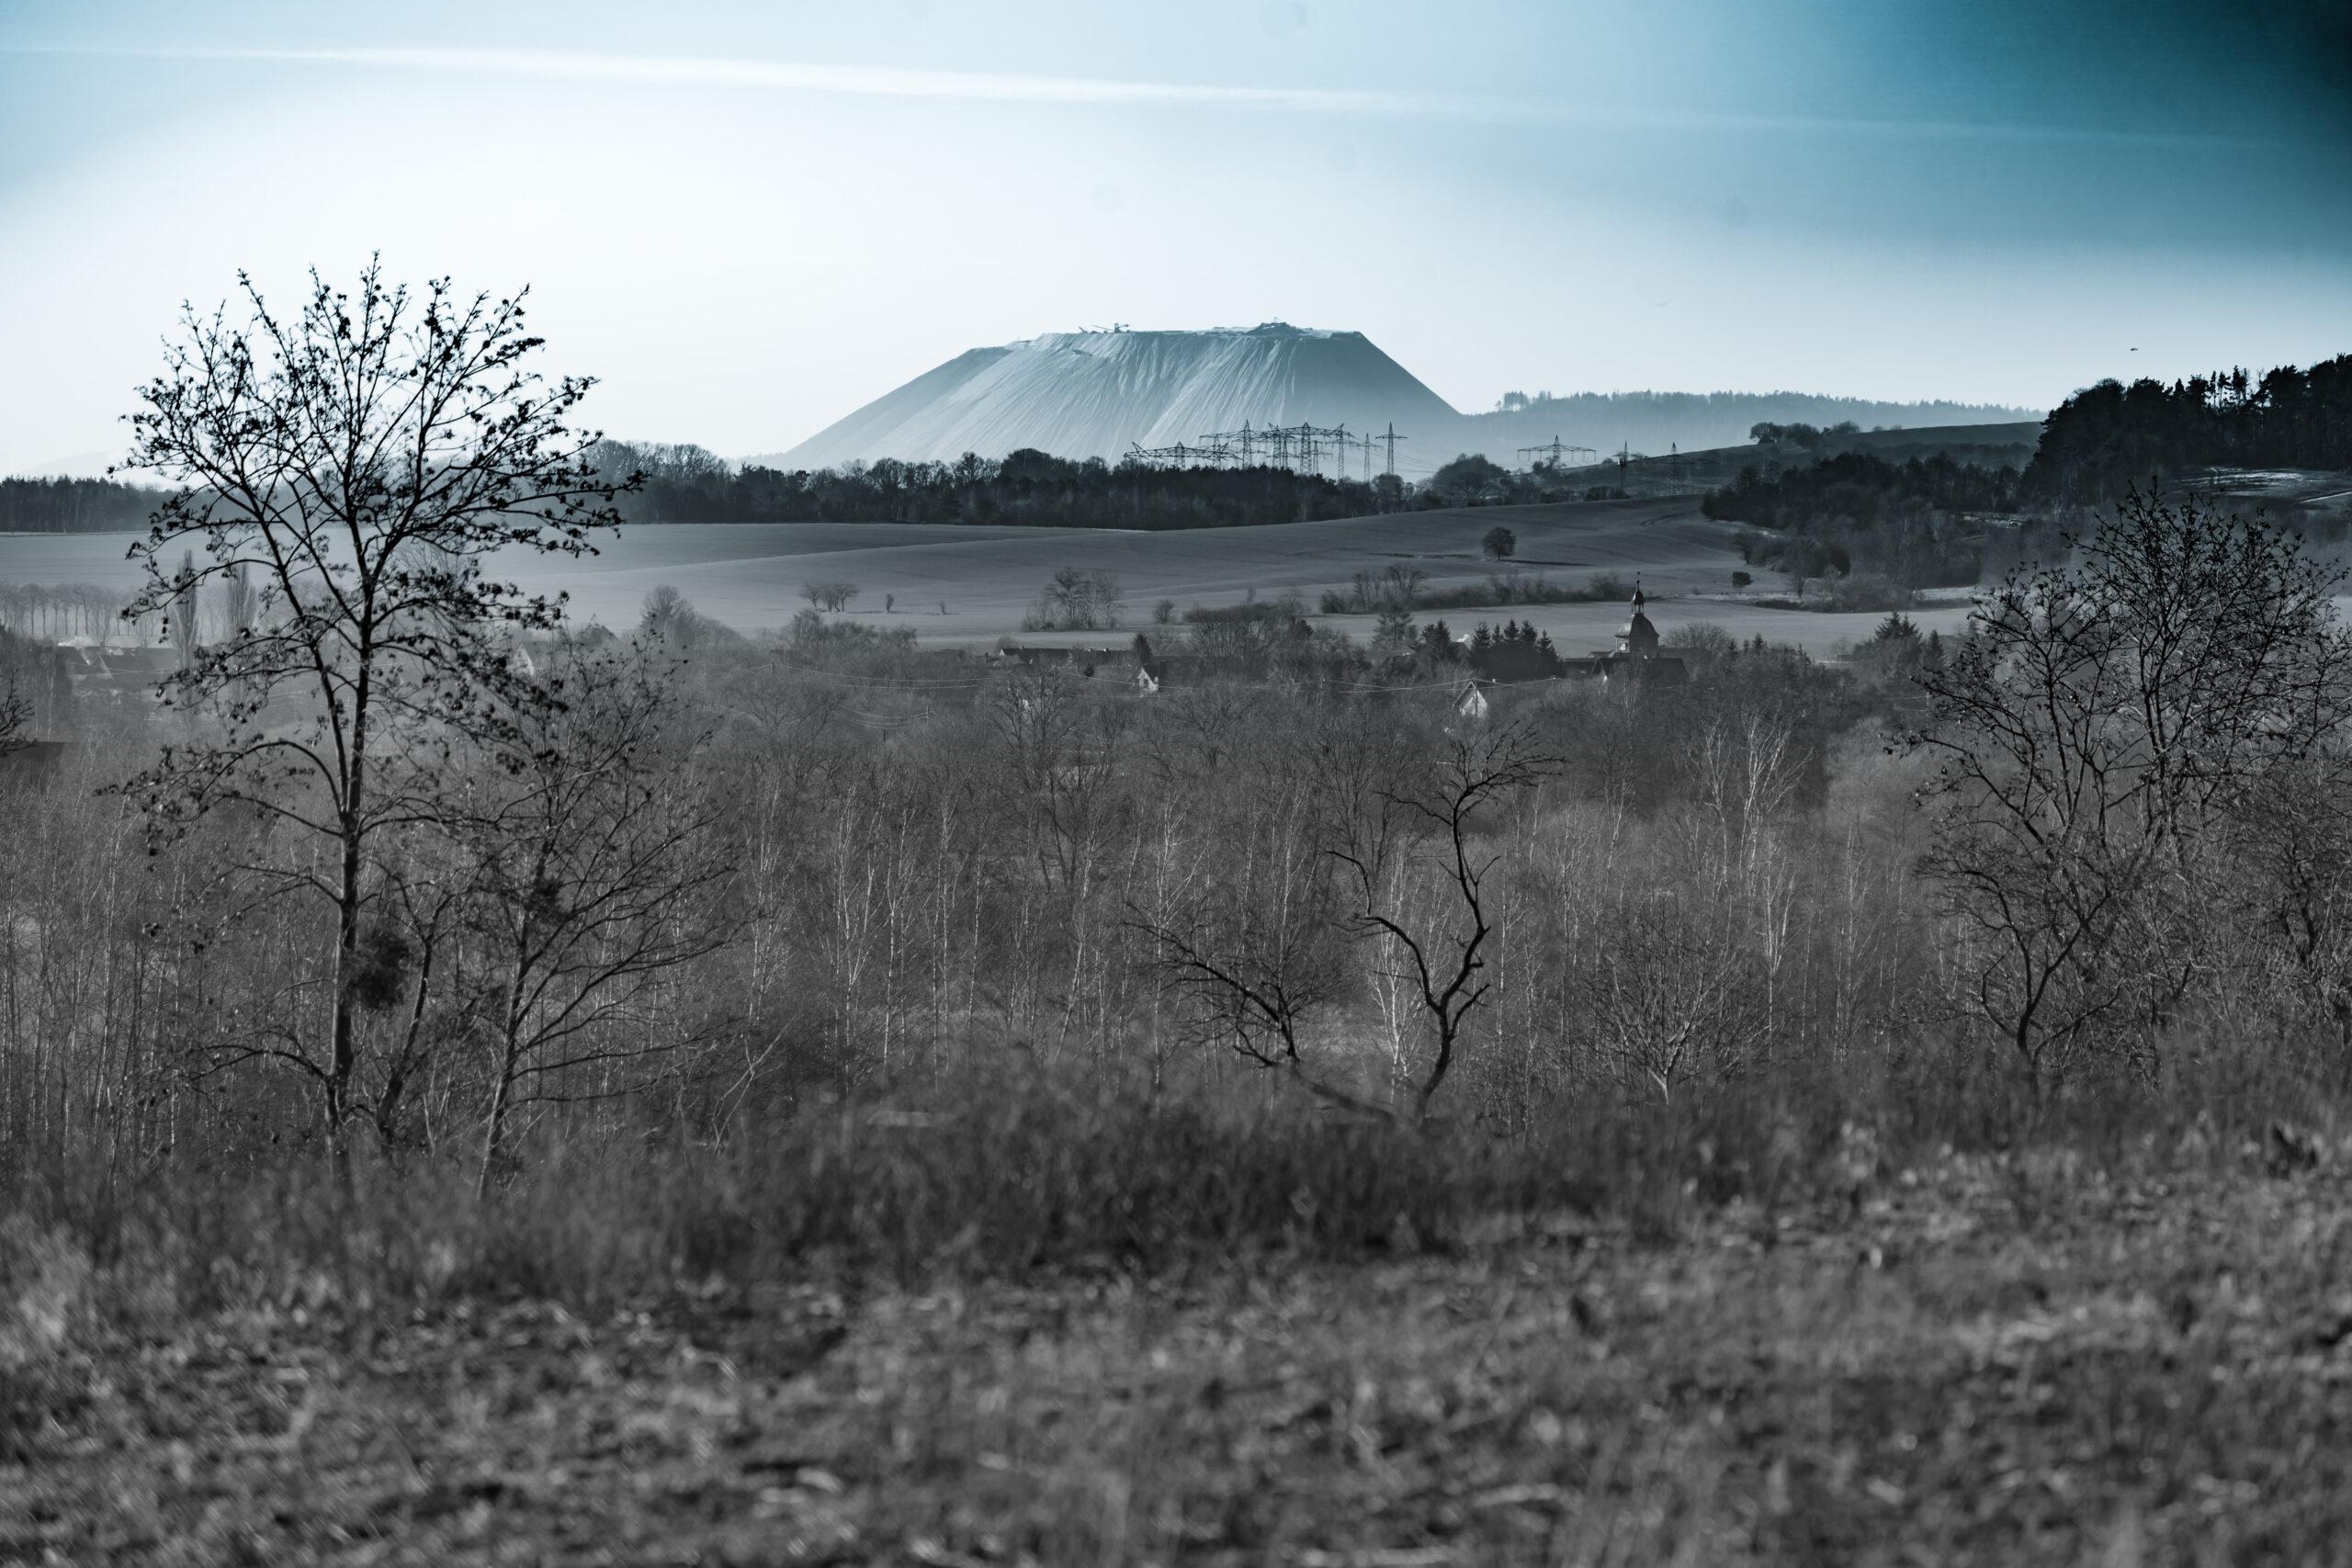 Gerstungen, Blick zum Monte Kali